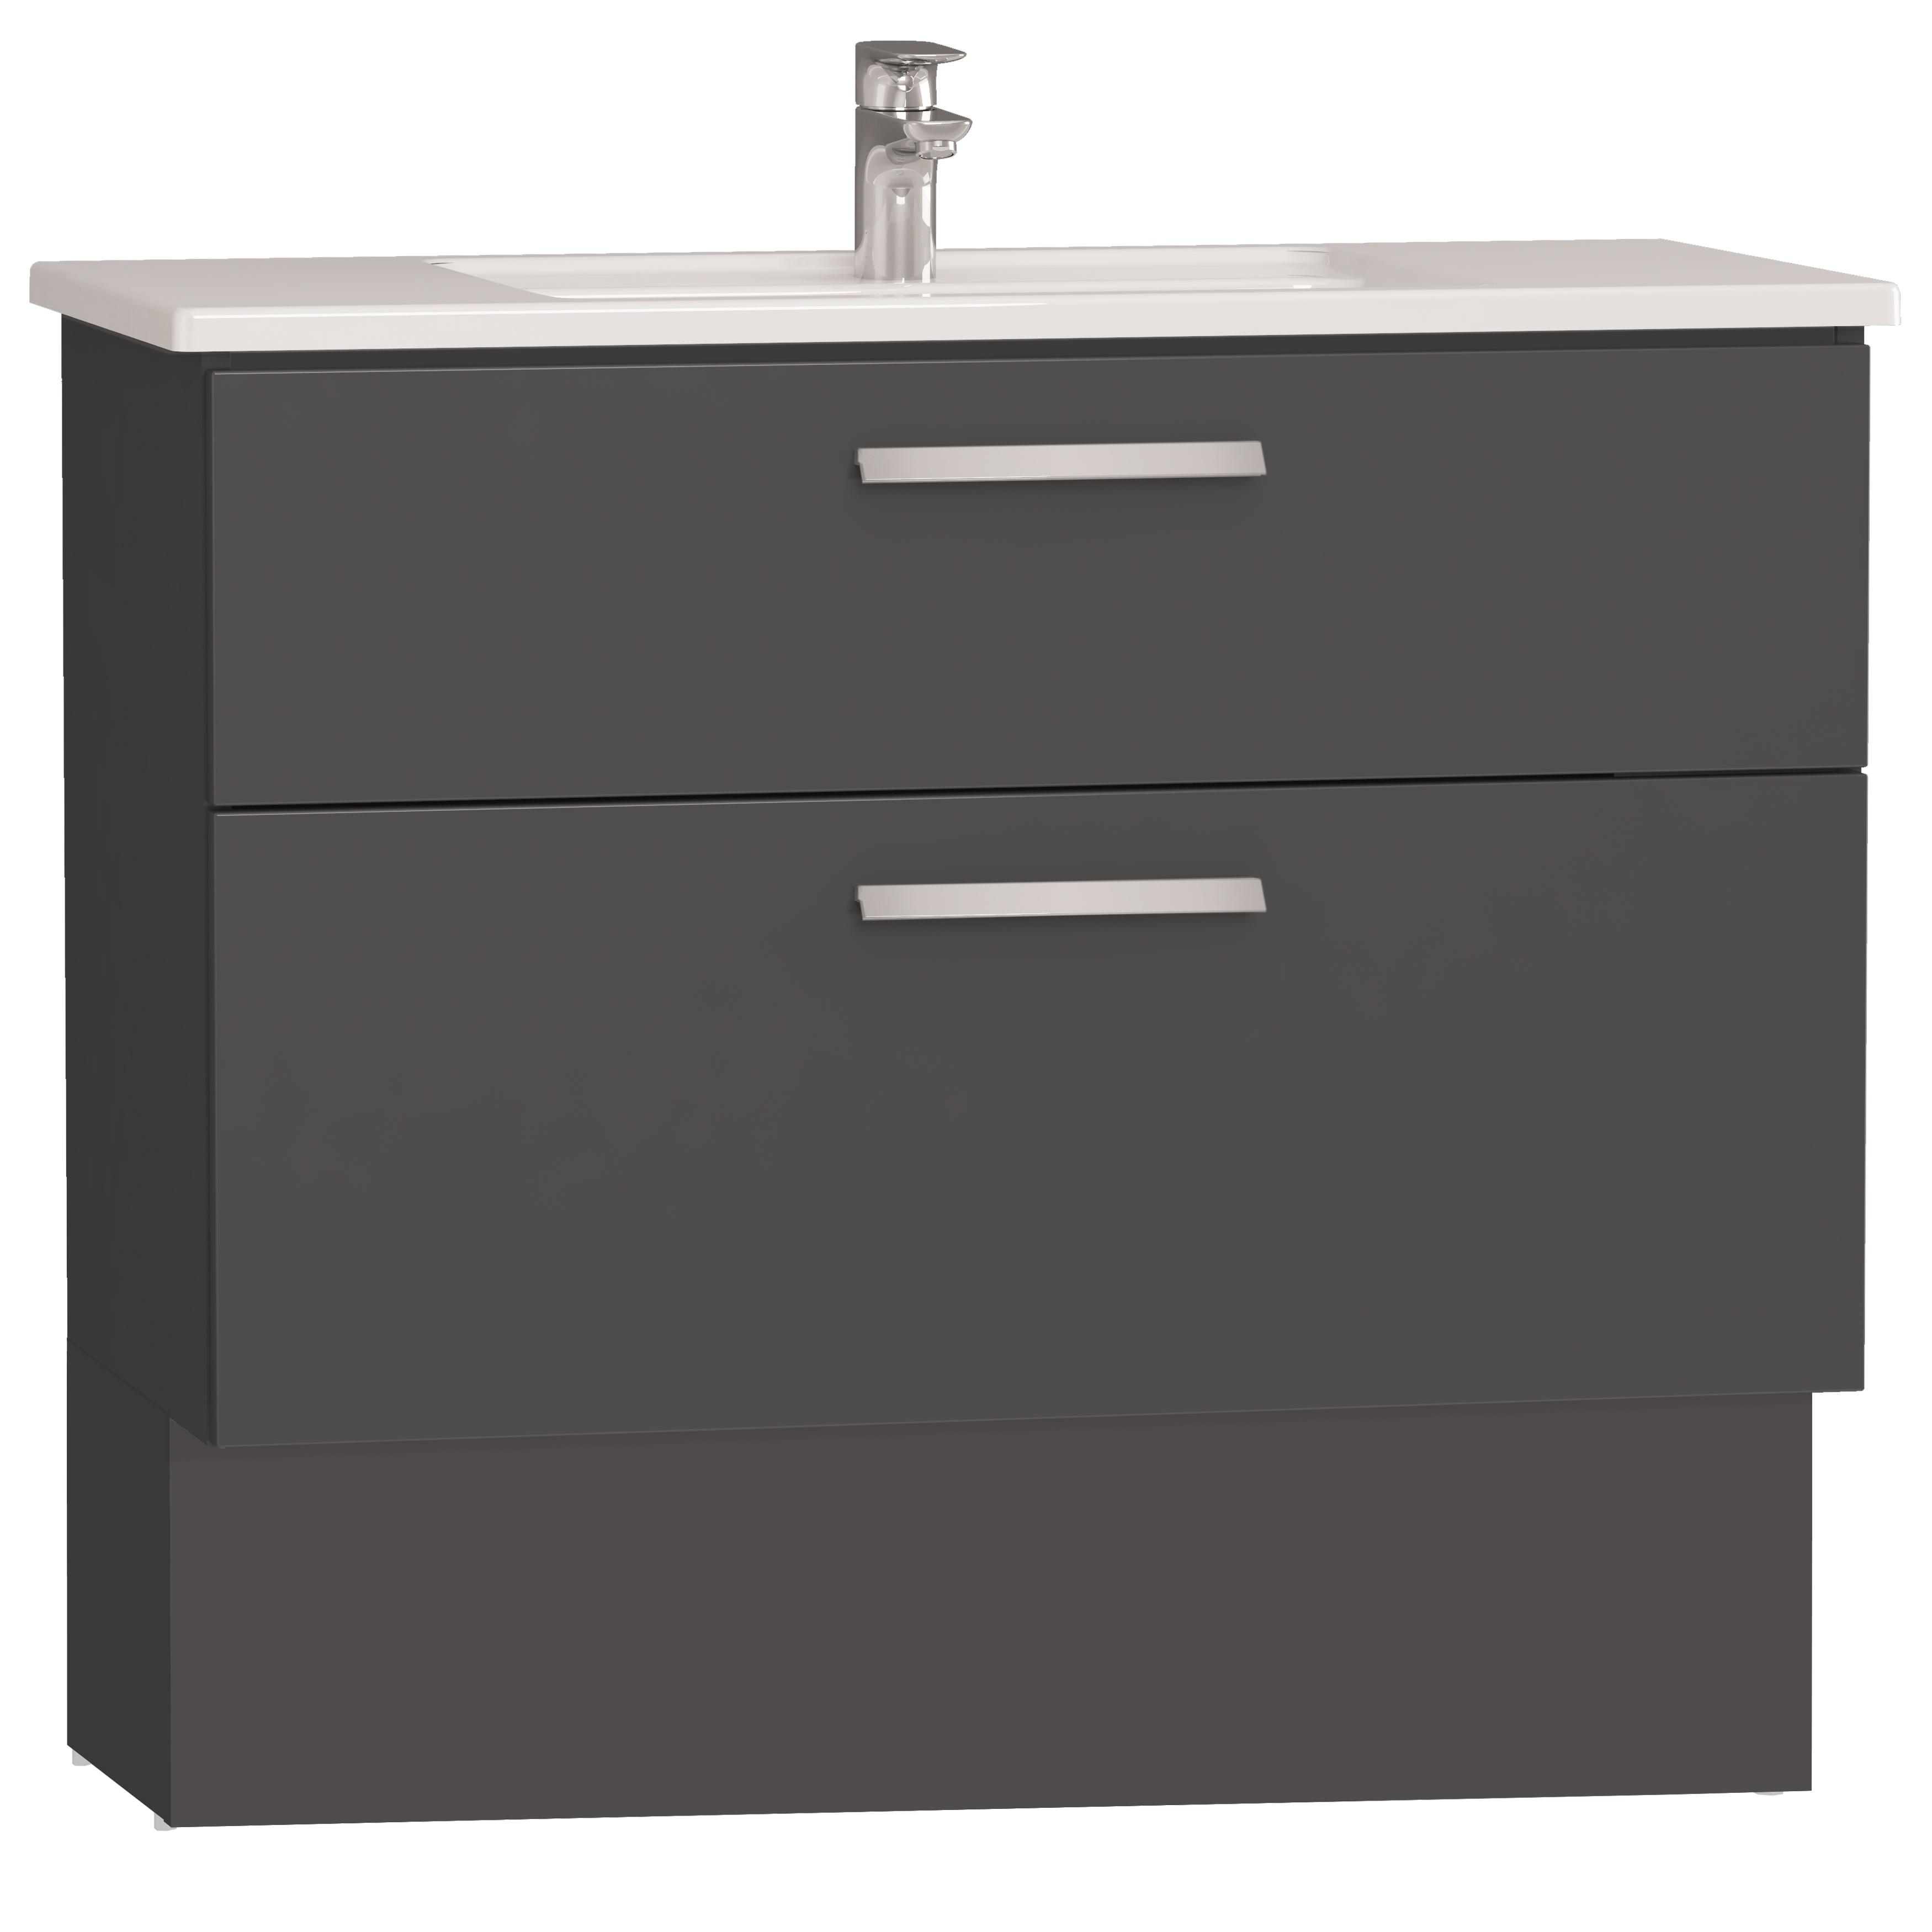 Integra socle pour meuble avec plan céramique avec deux tiroirs, 100 cm, anthraciteacite haute brillance